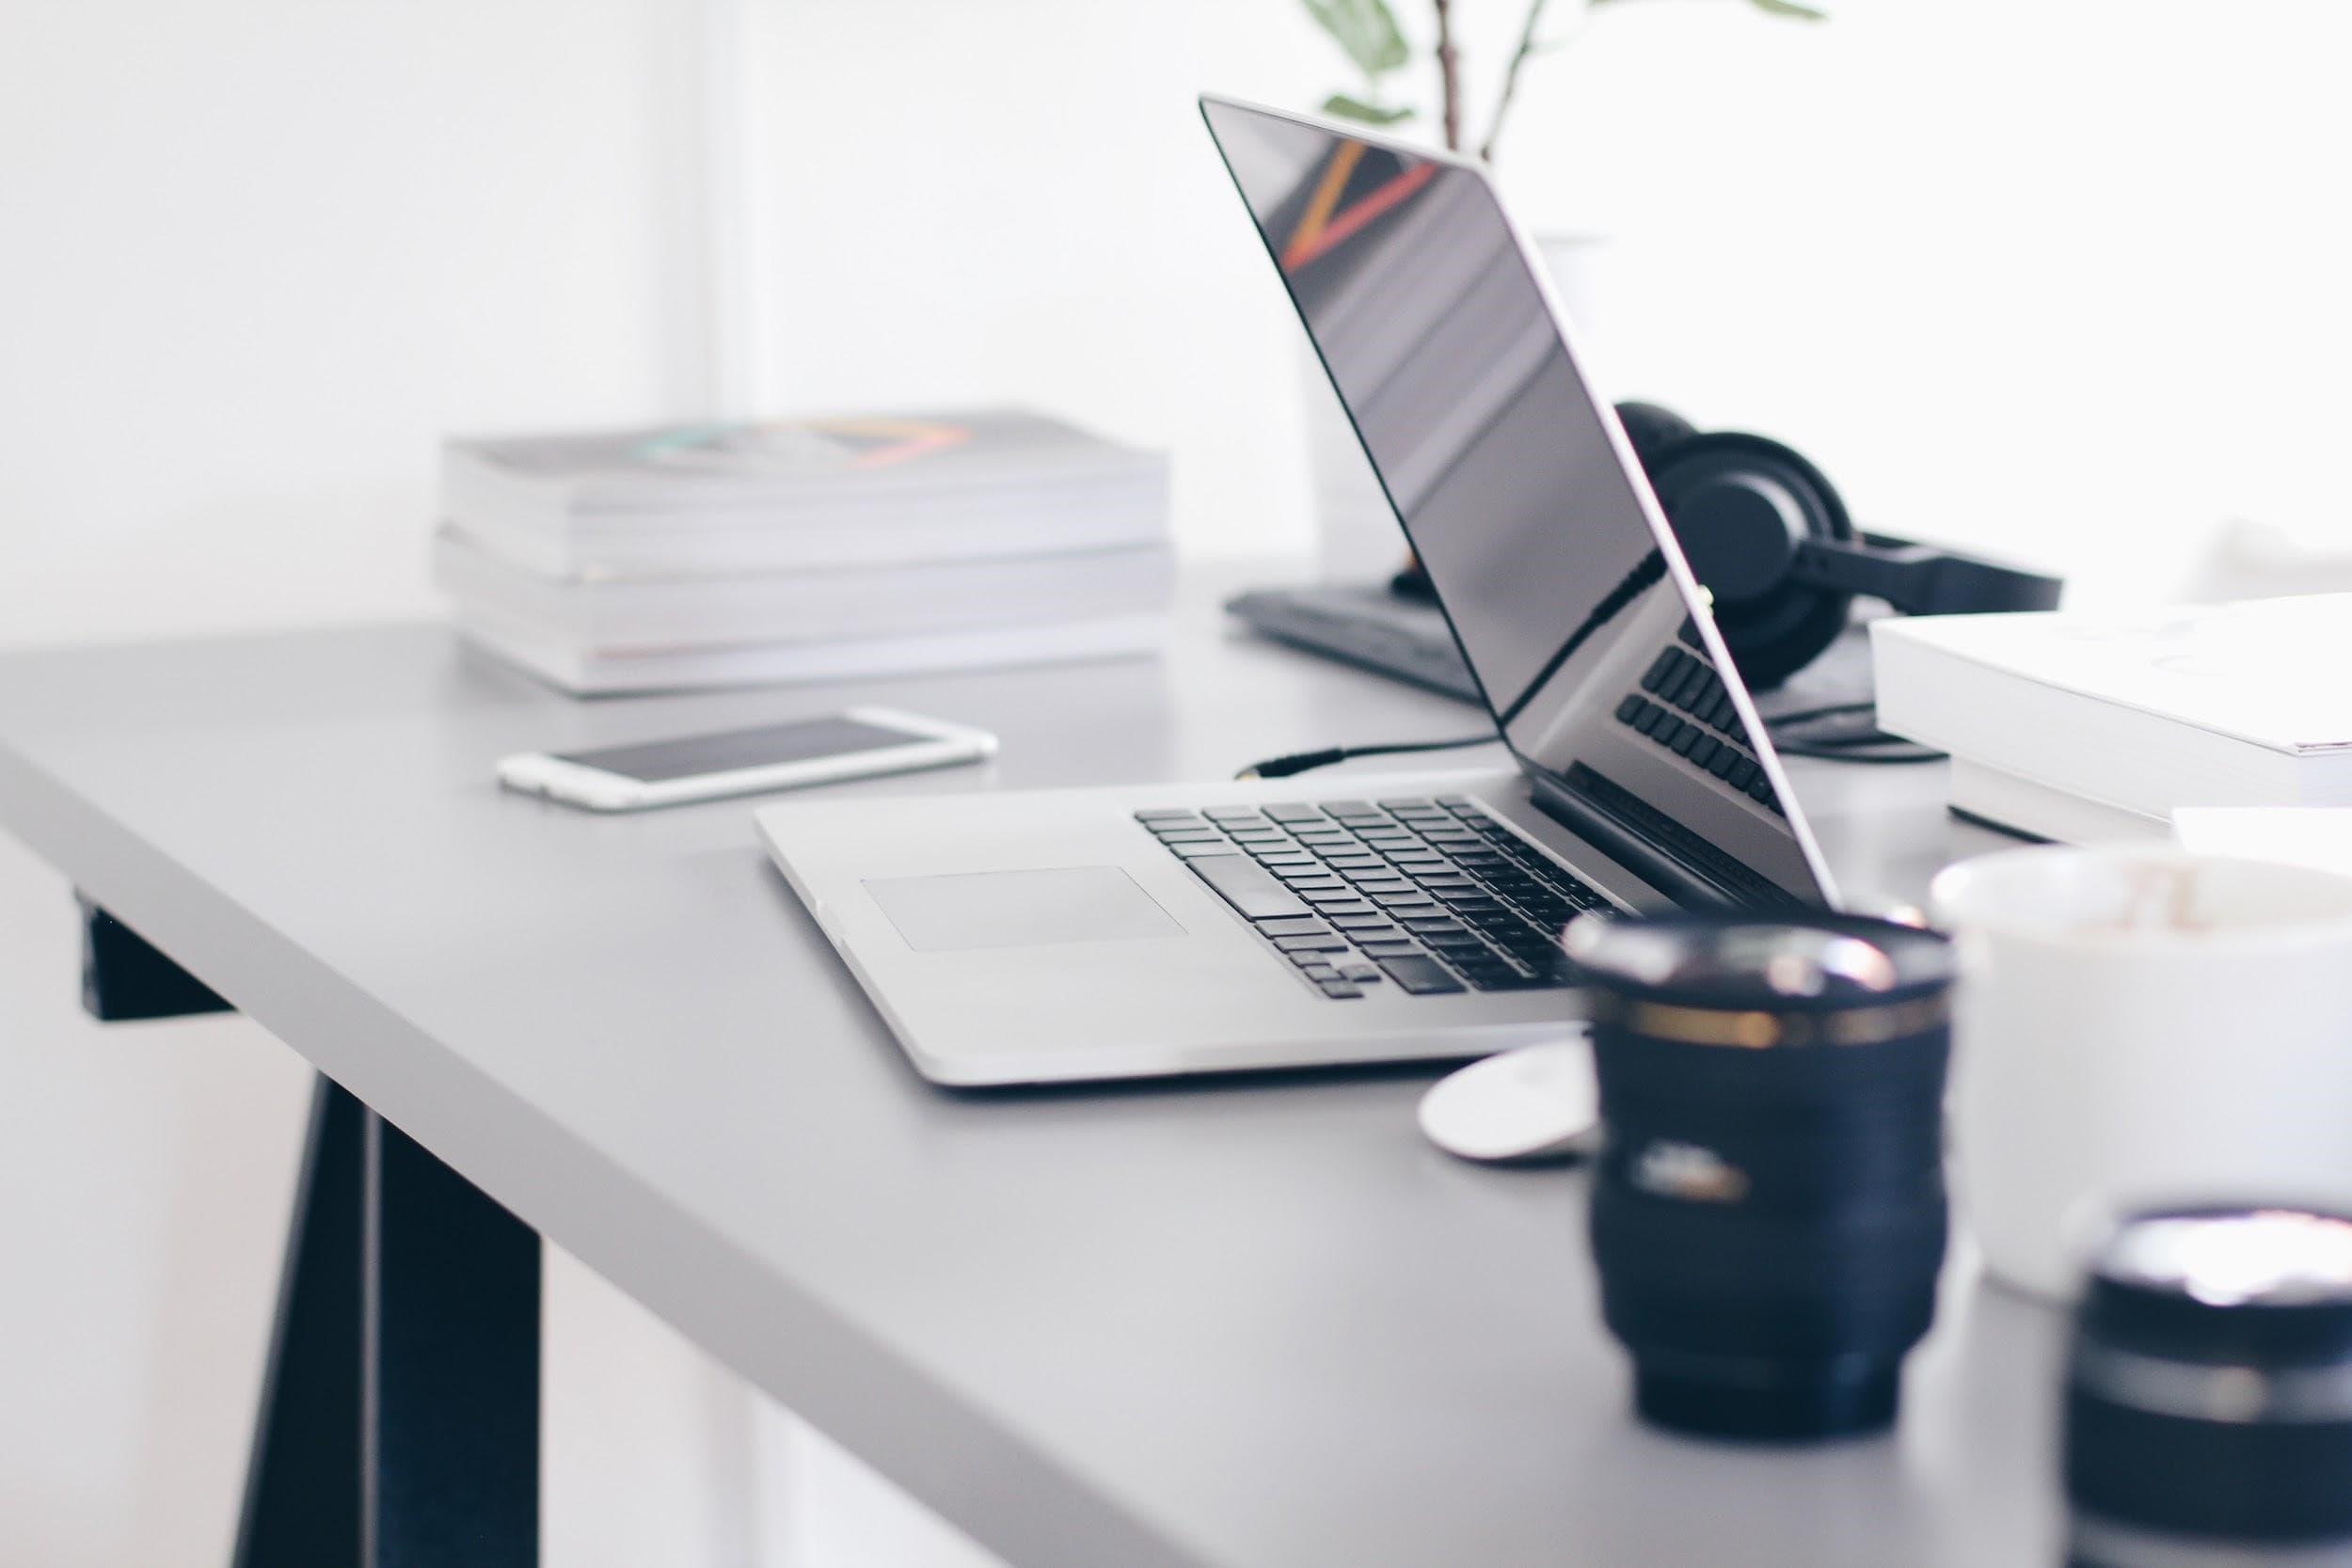 契約相手に電子契約書を拒否された場合の対応方法と対策を解説